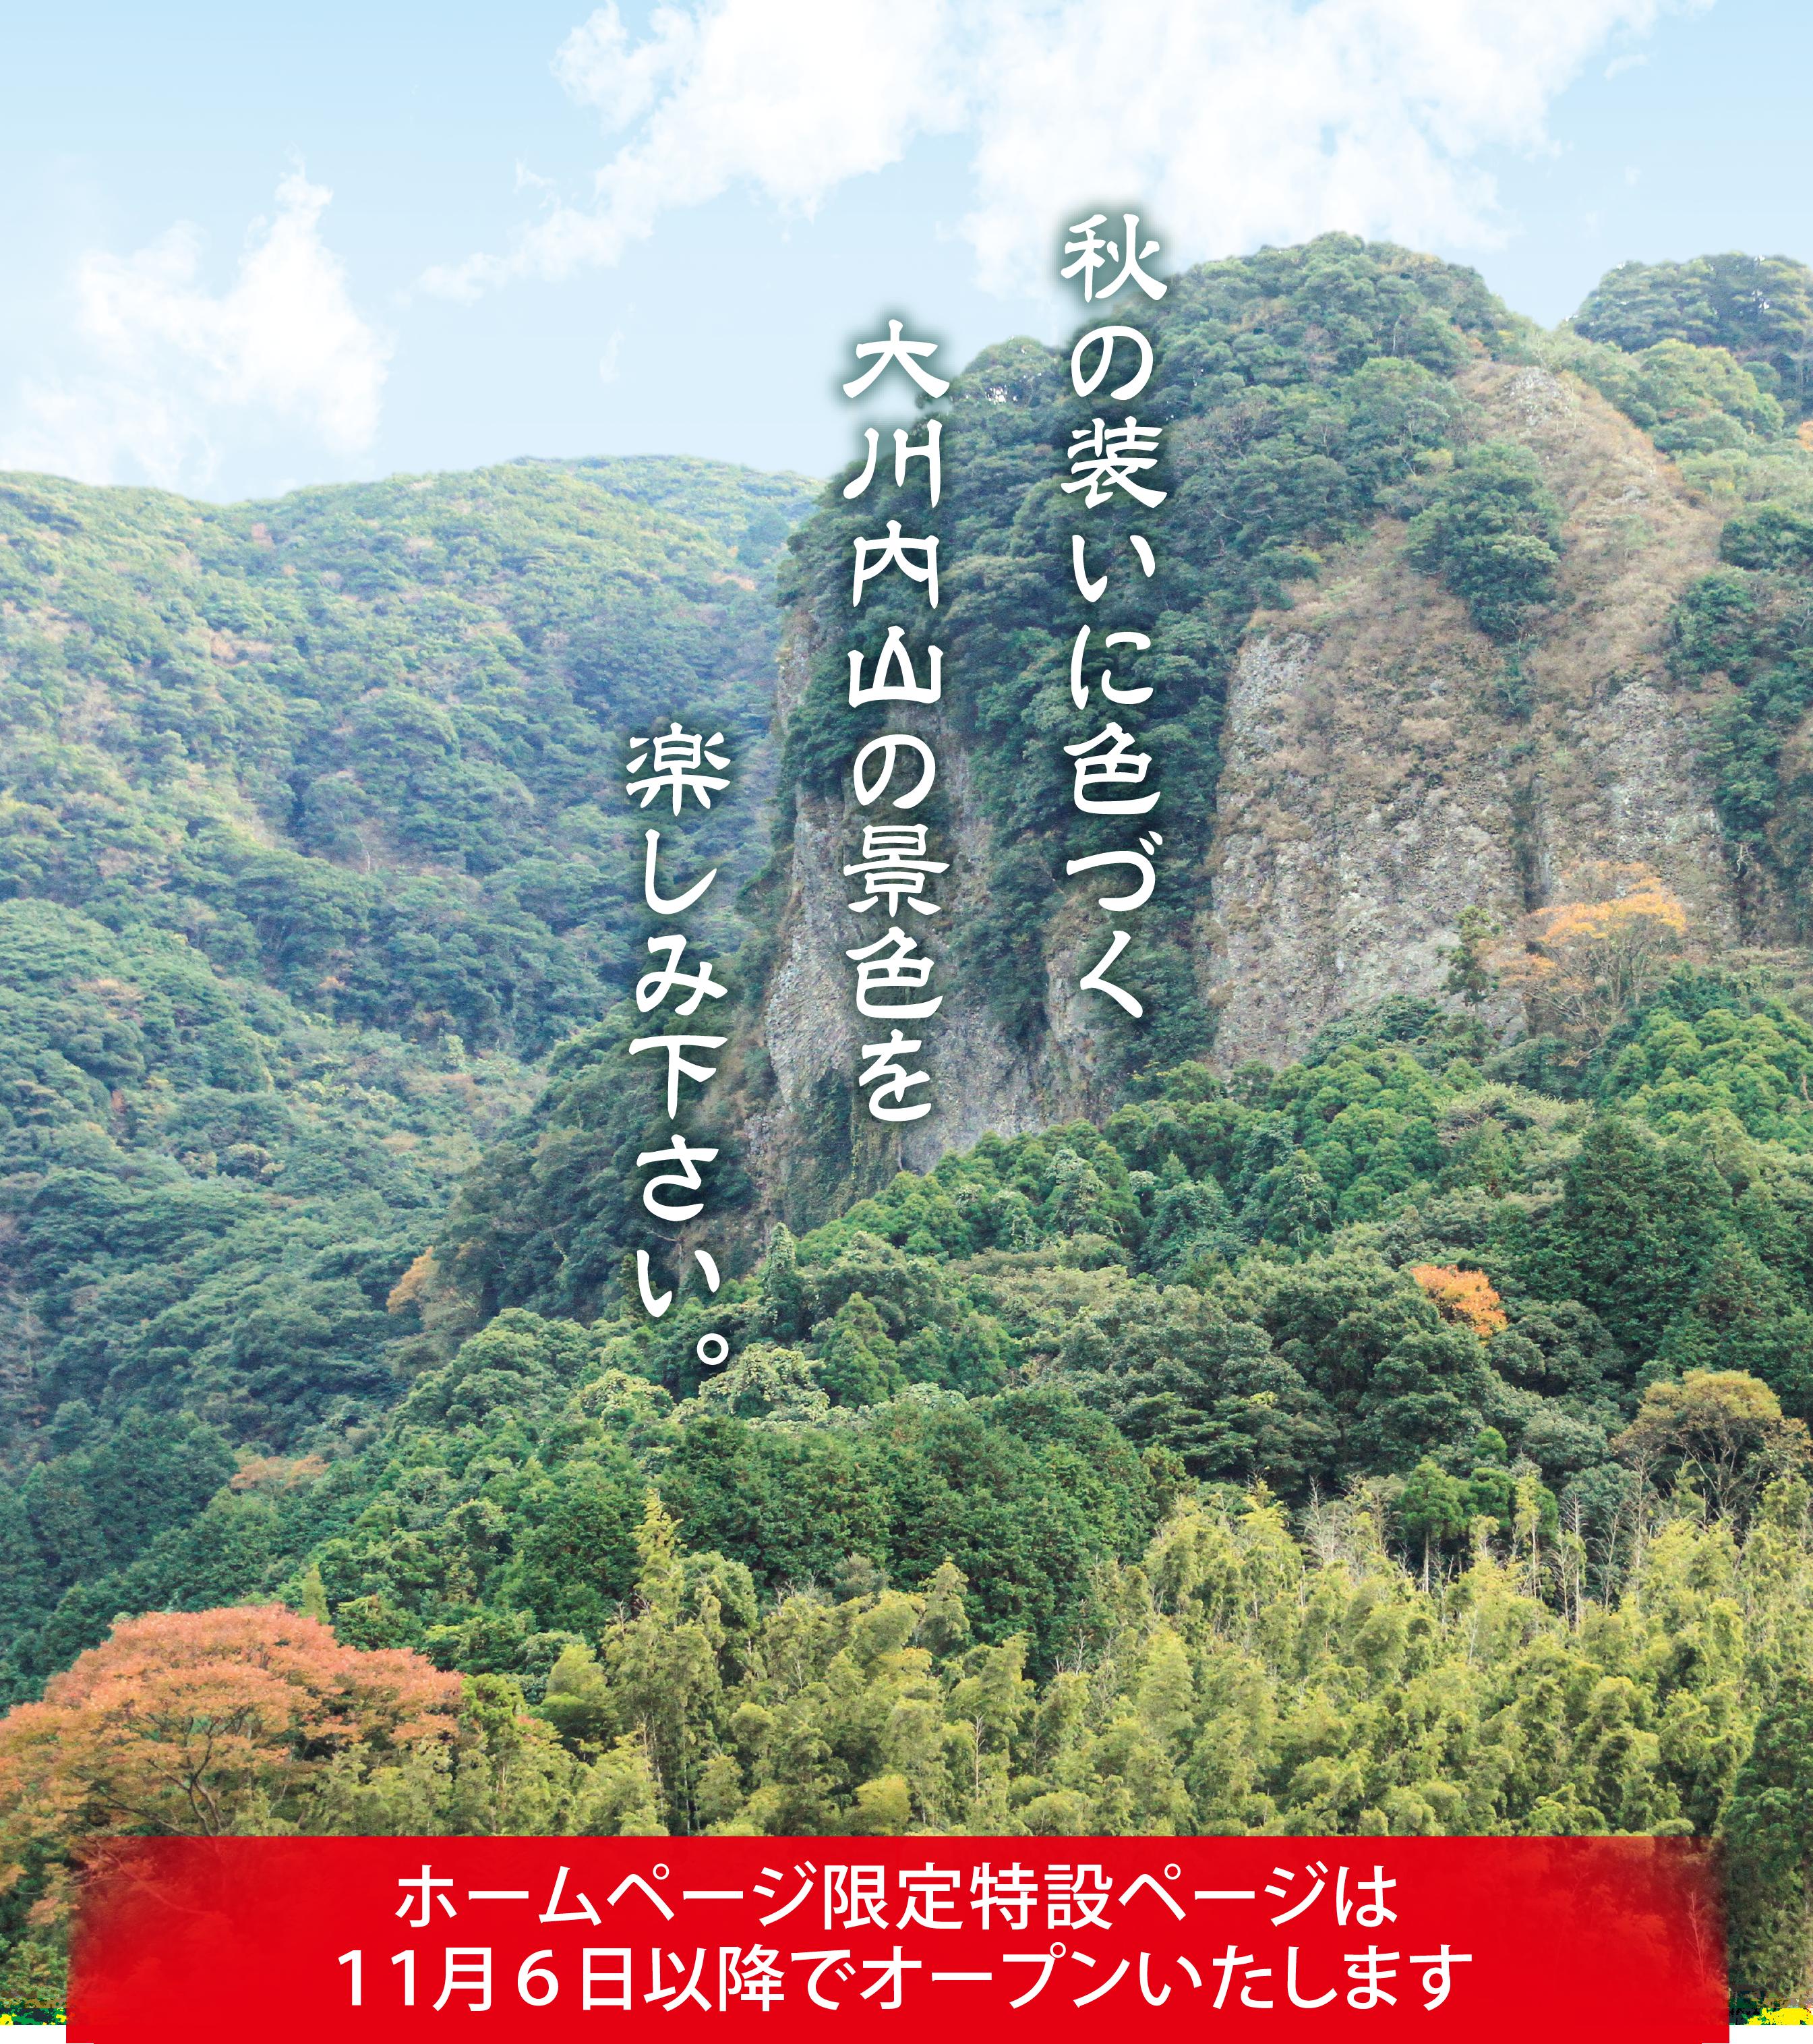 鍋島藩窯秋まつり風景